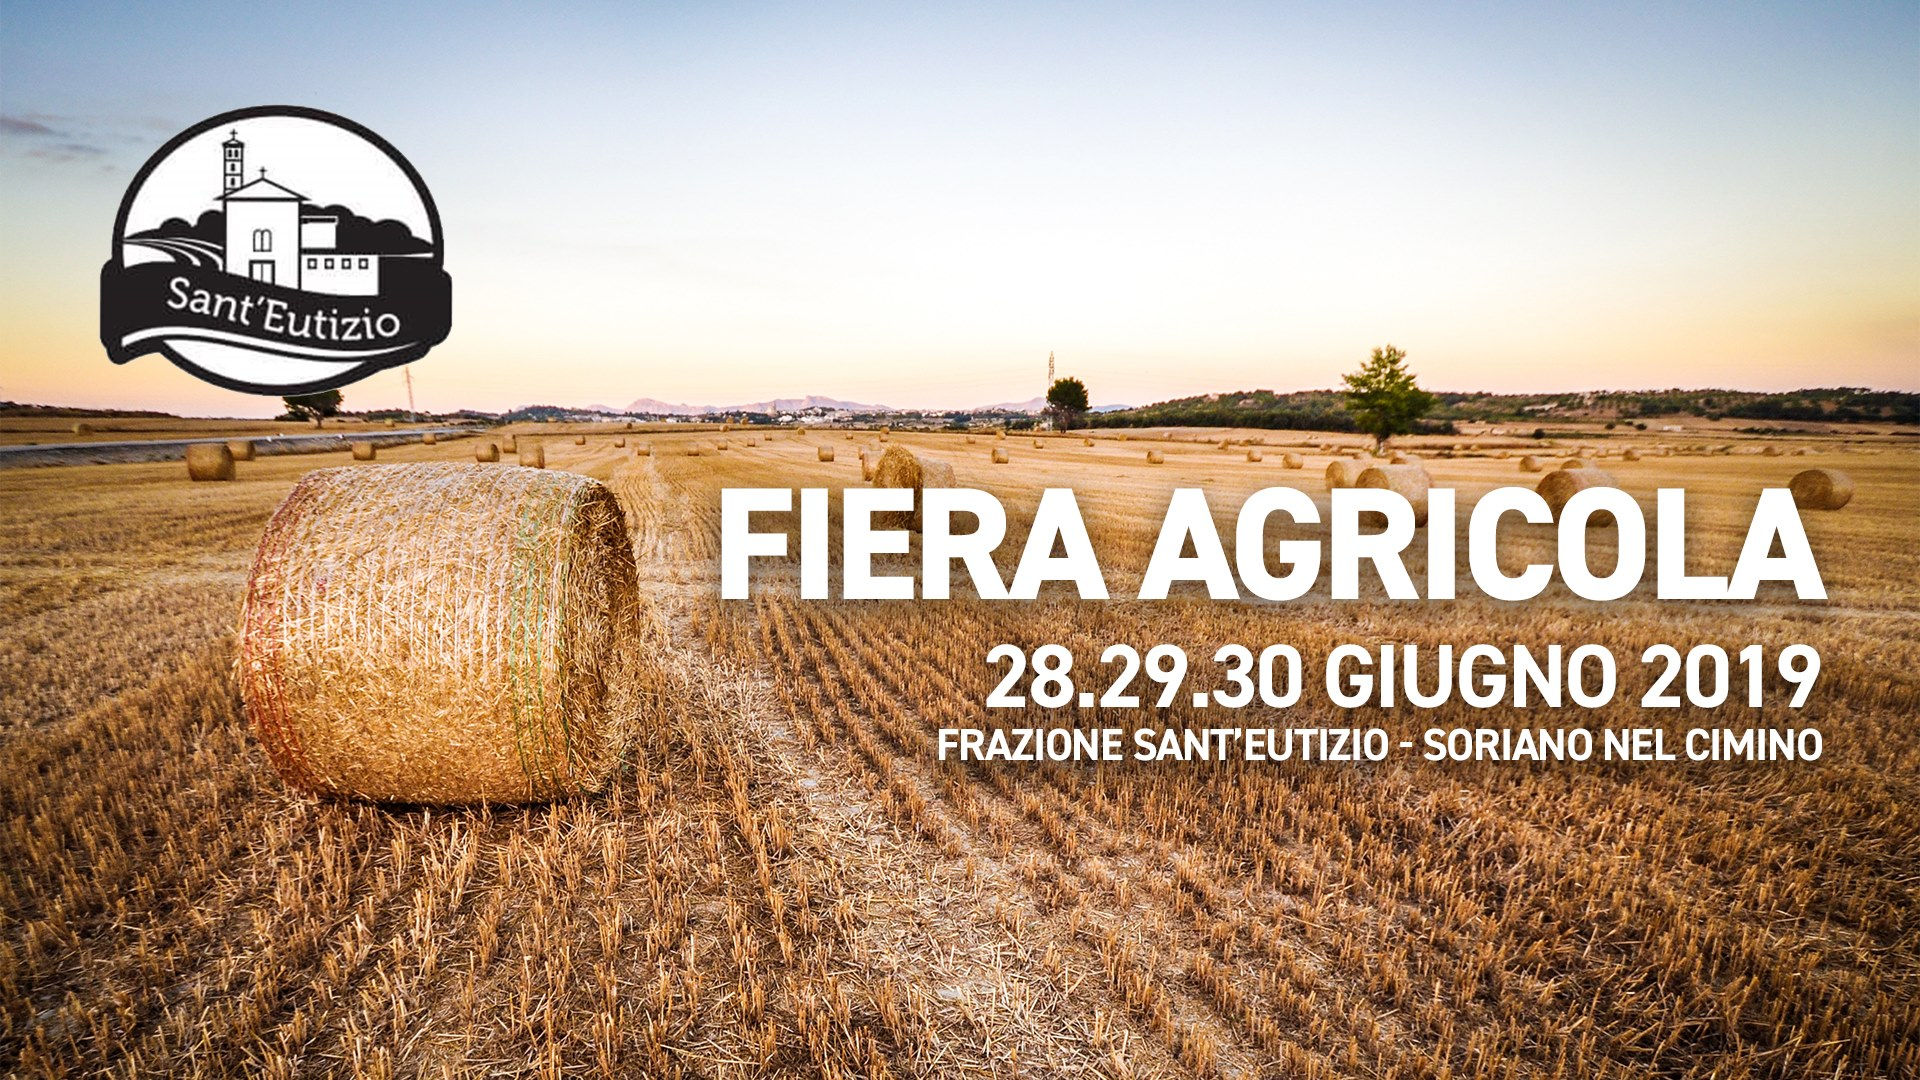 Fiera Agricola Sant'Eutizio 2019